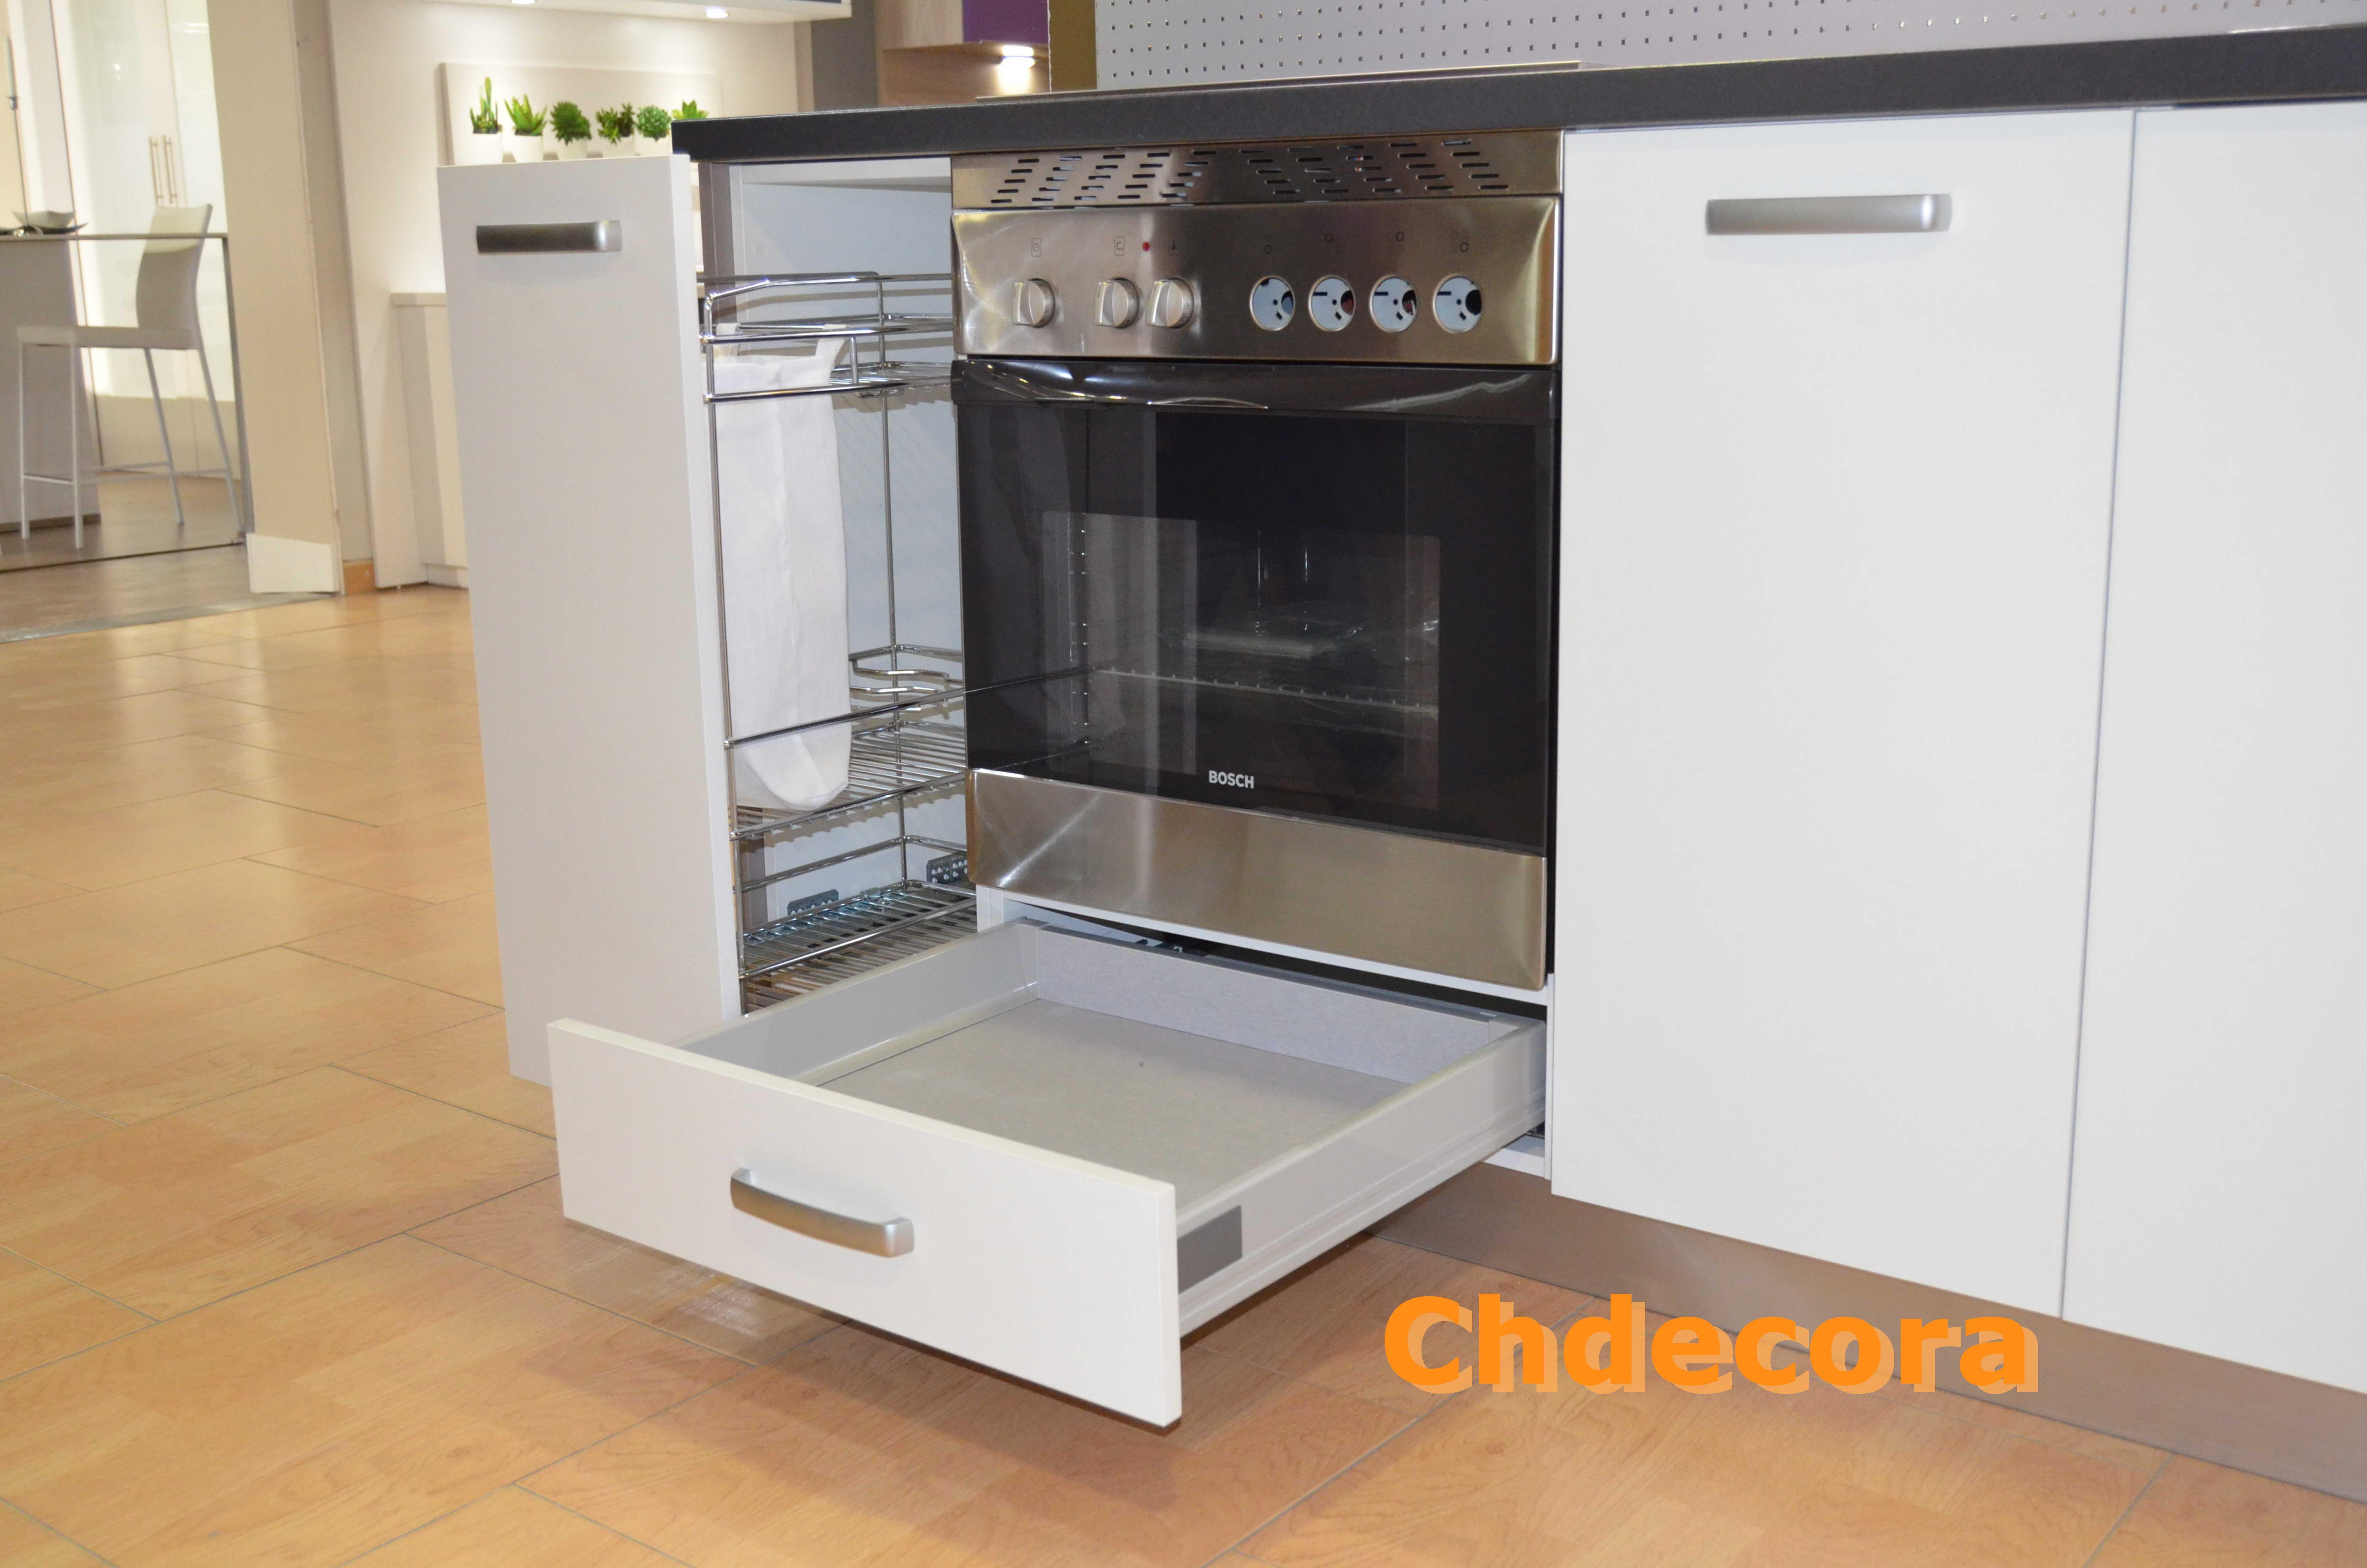 puertas y cocinas en madrid. Parte baja de muebles de cocina ...